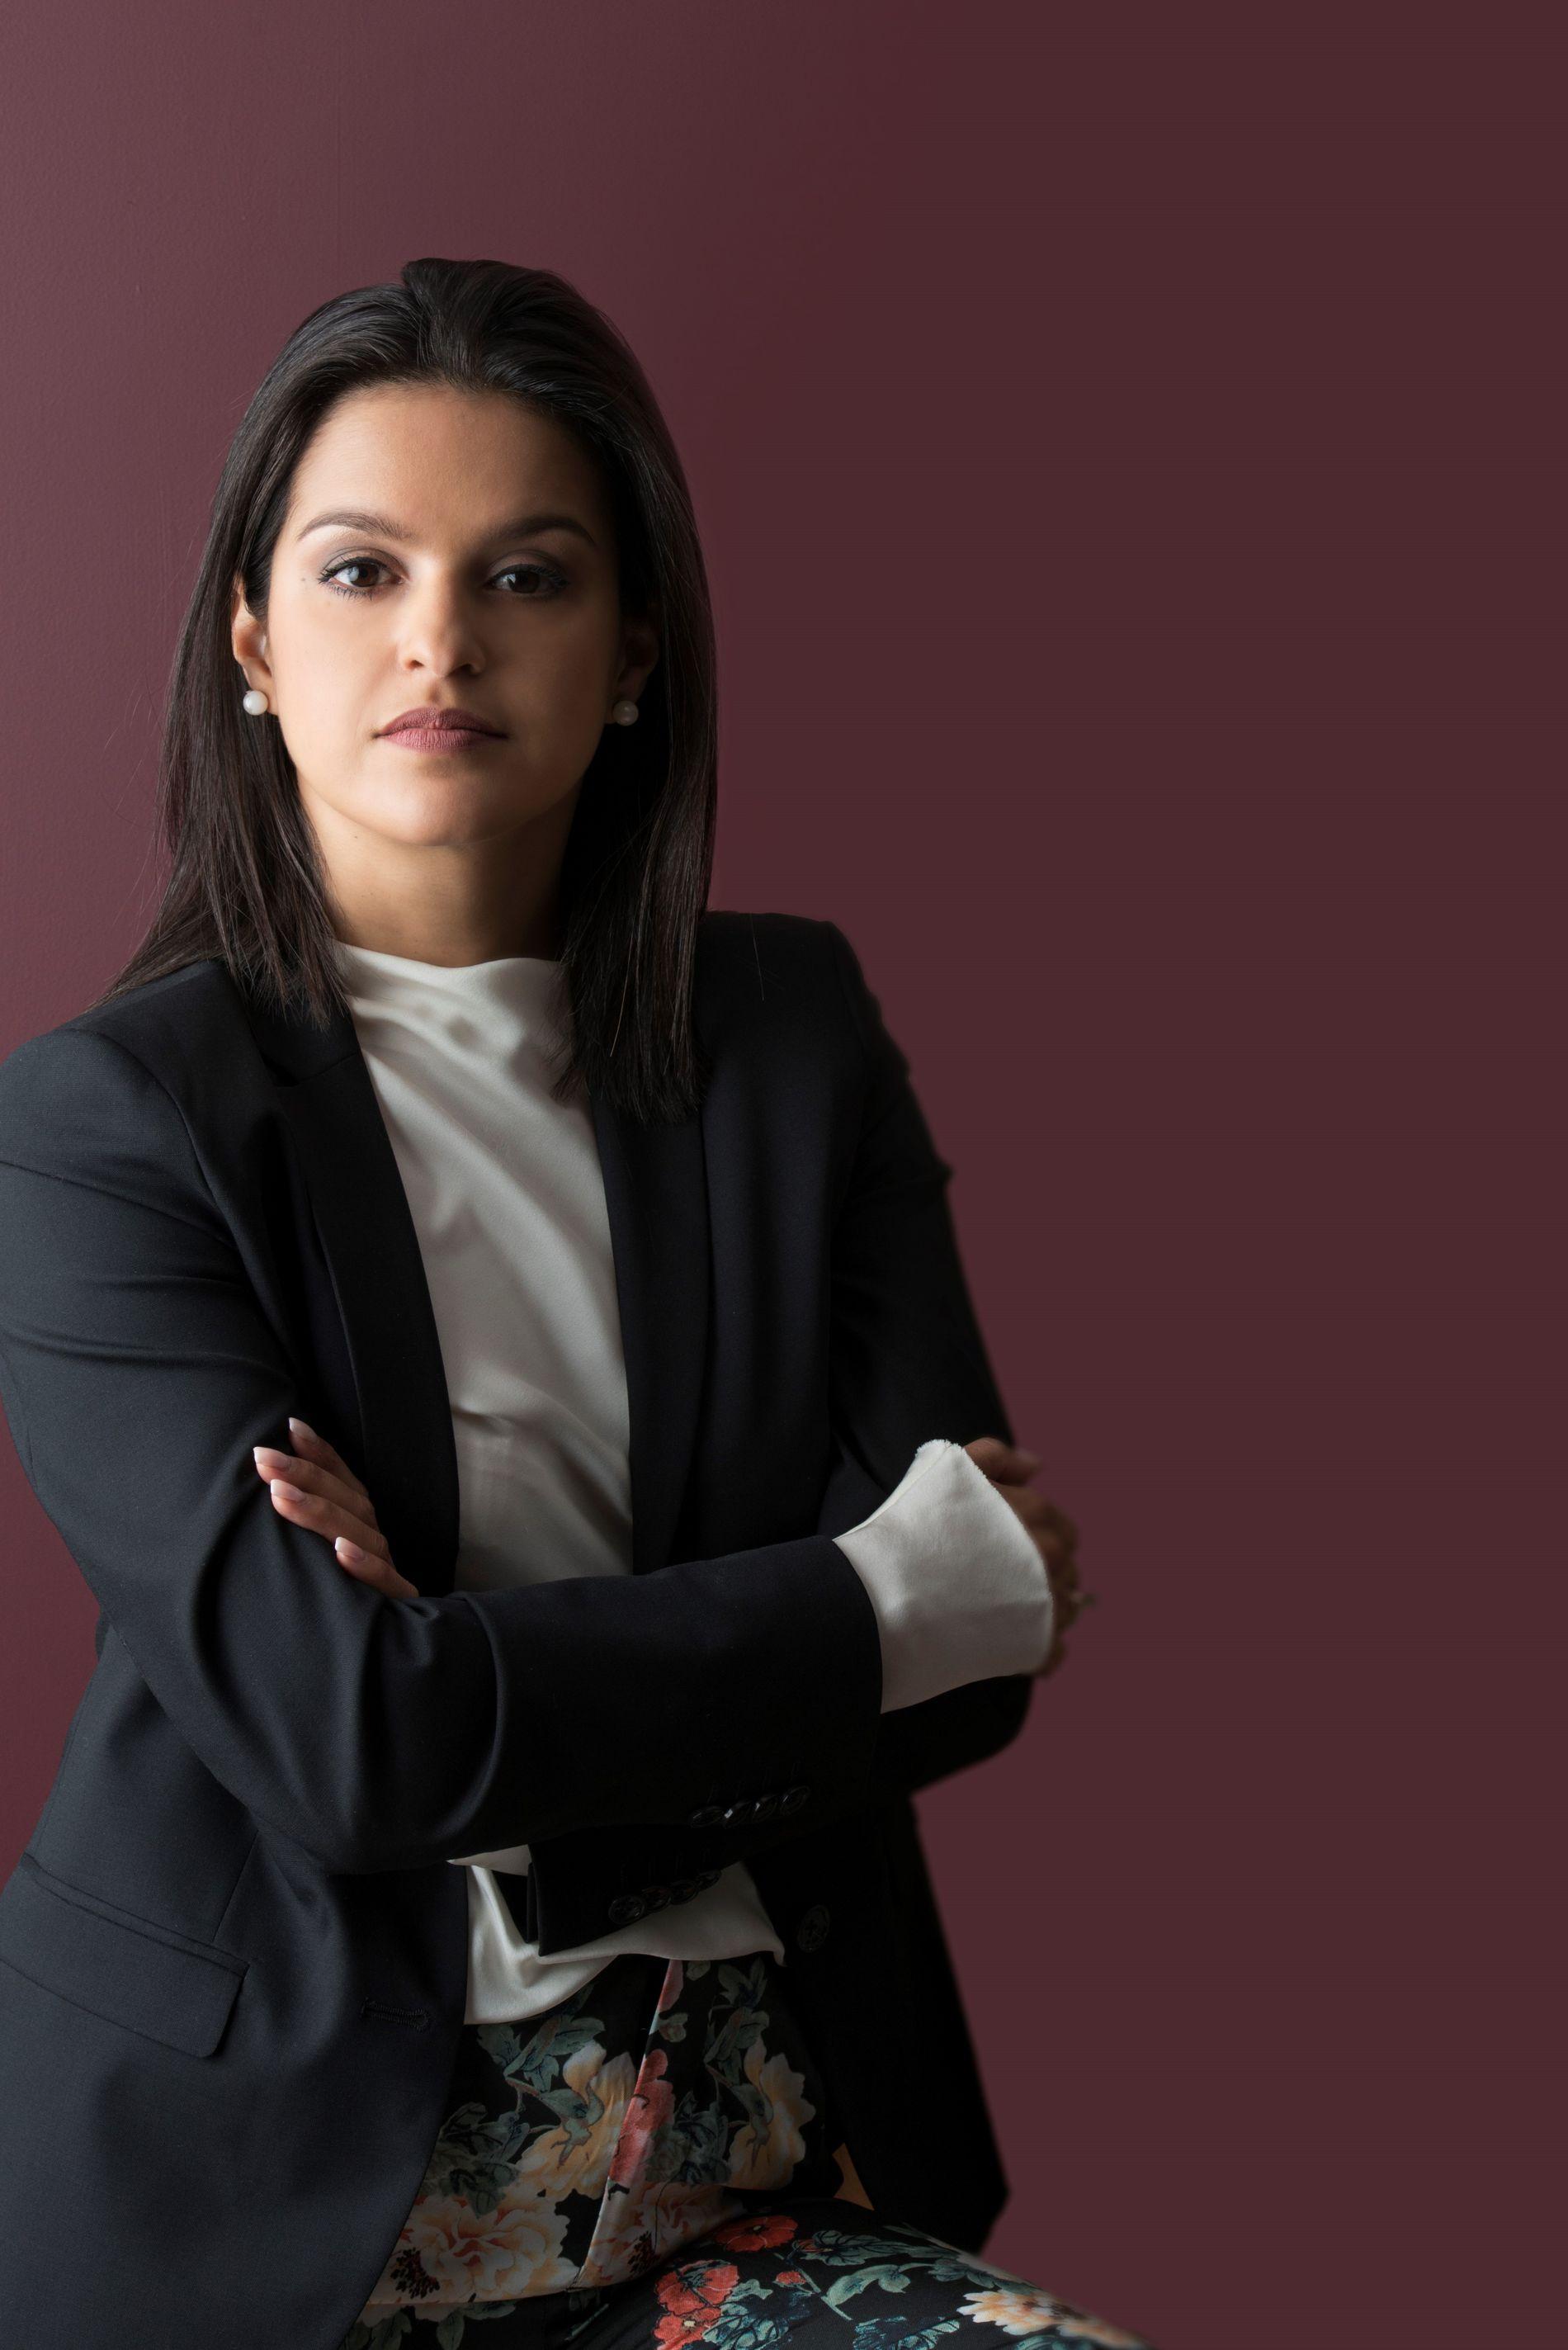 Danielle  gikk på universitet i Rio og var ferdig utdannet arkitekt og urbanist, som er byplanlegger, i 2004.